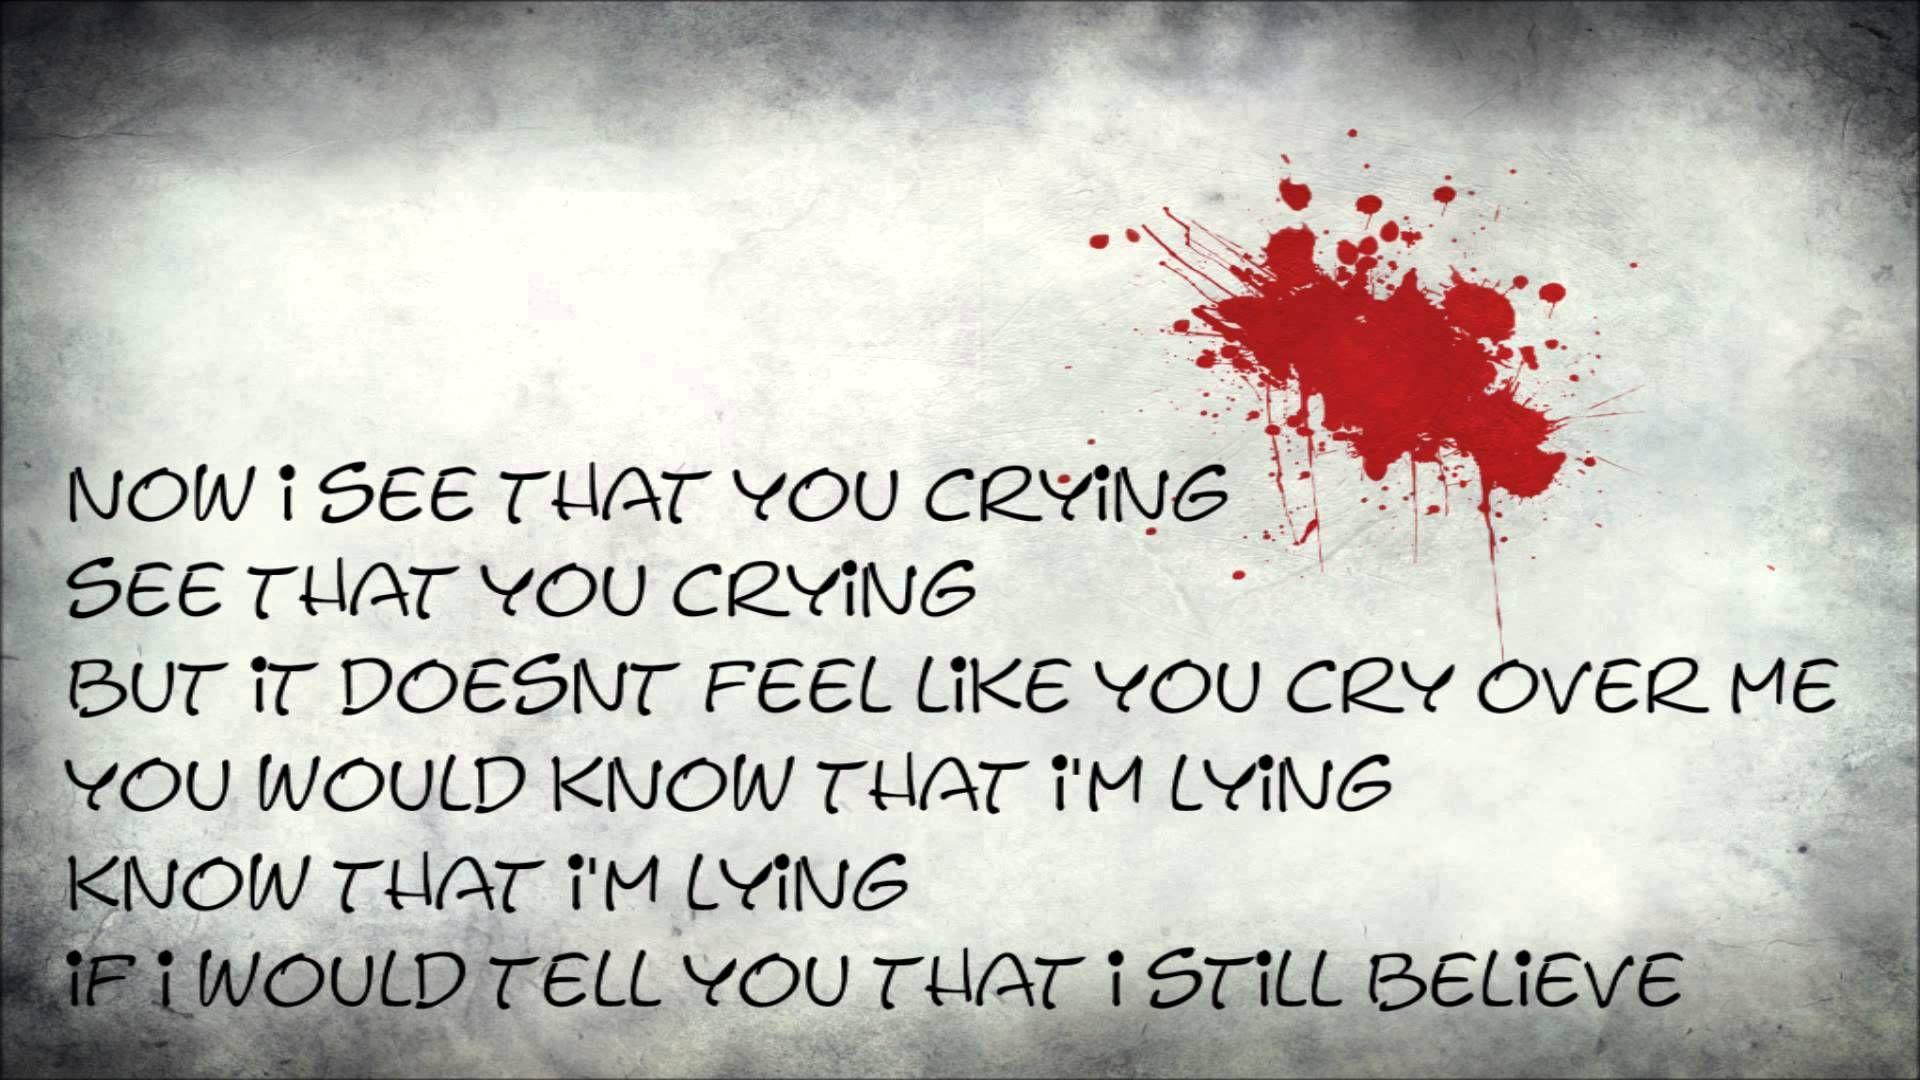 Lexy & K-Paul feat. Yasha - Killing me (with Lyrics)